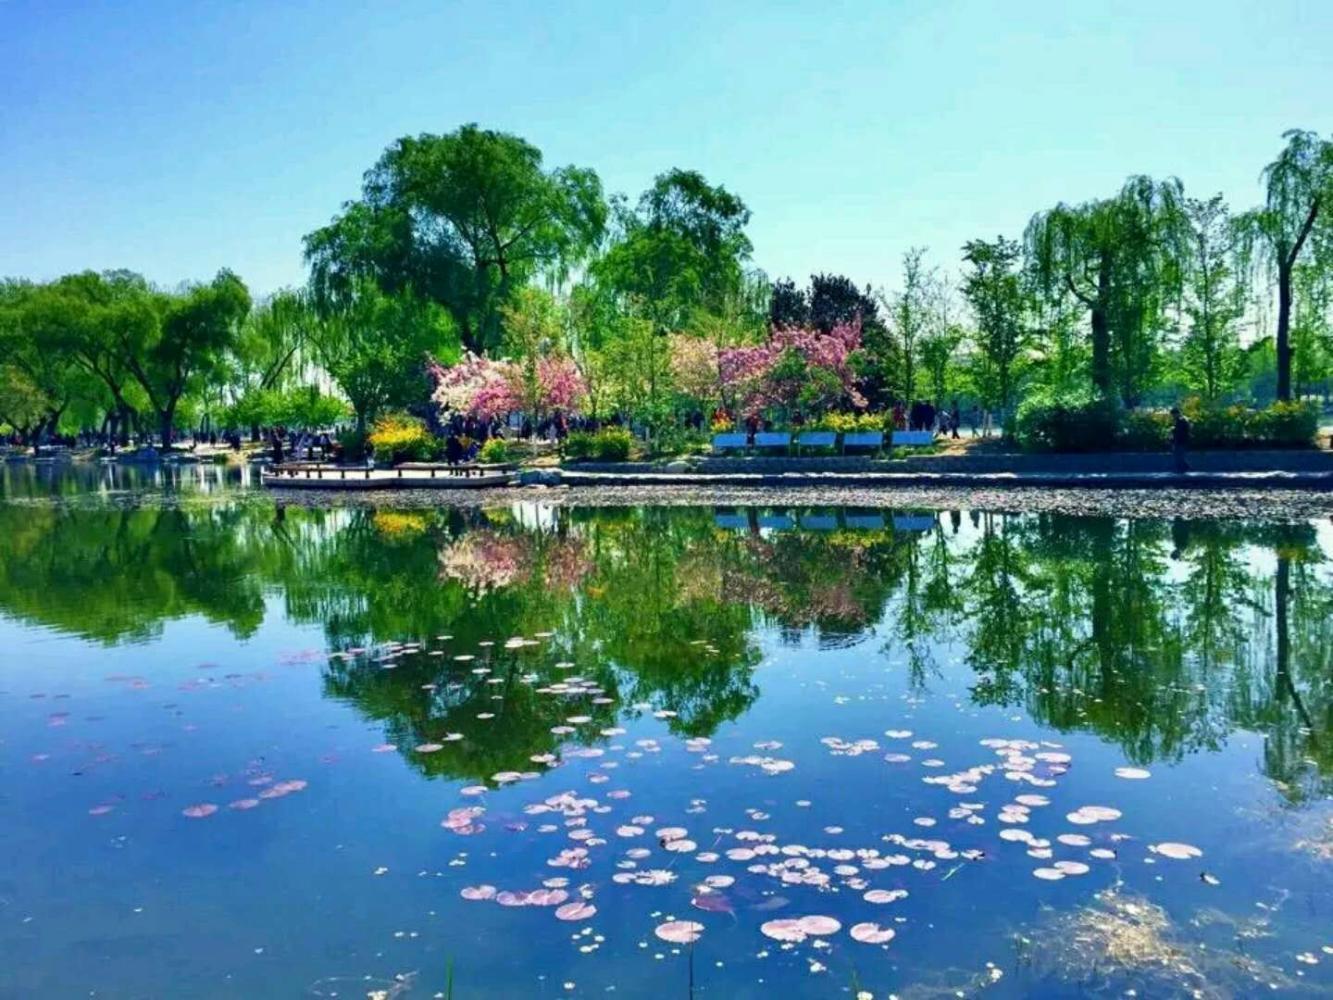 豪比世外桃源的風景, 北京玉淵潭公園的風采, 你是否去旅游過?